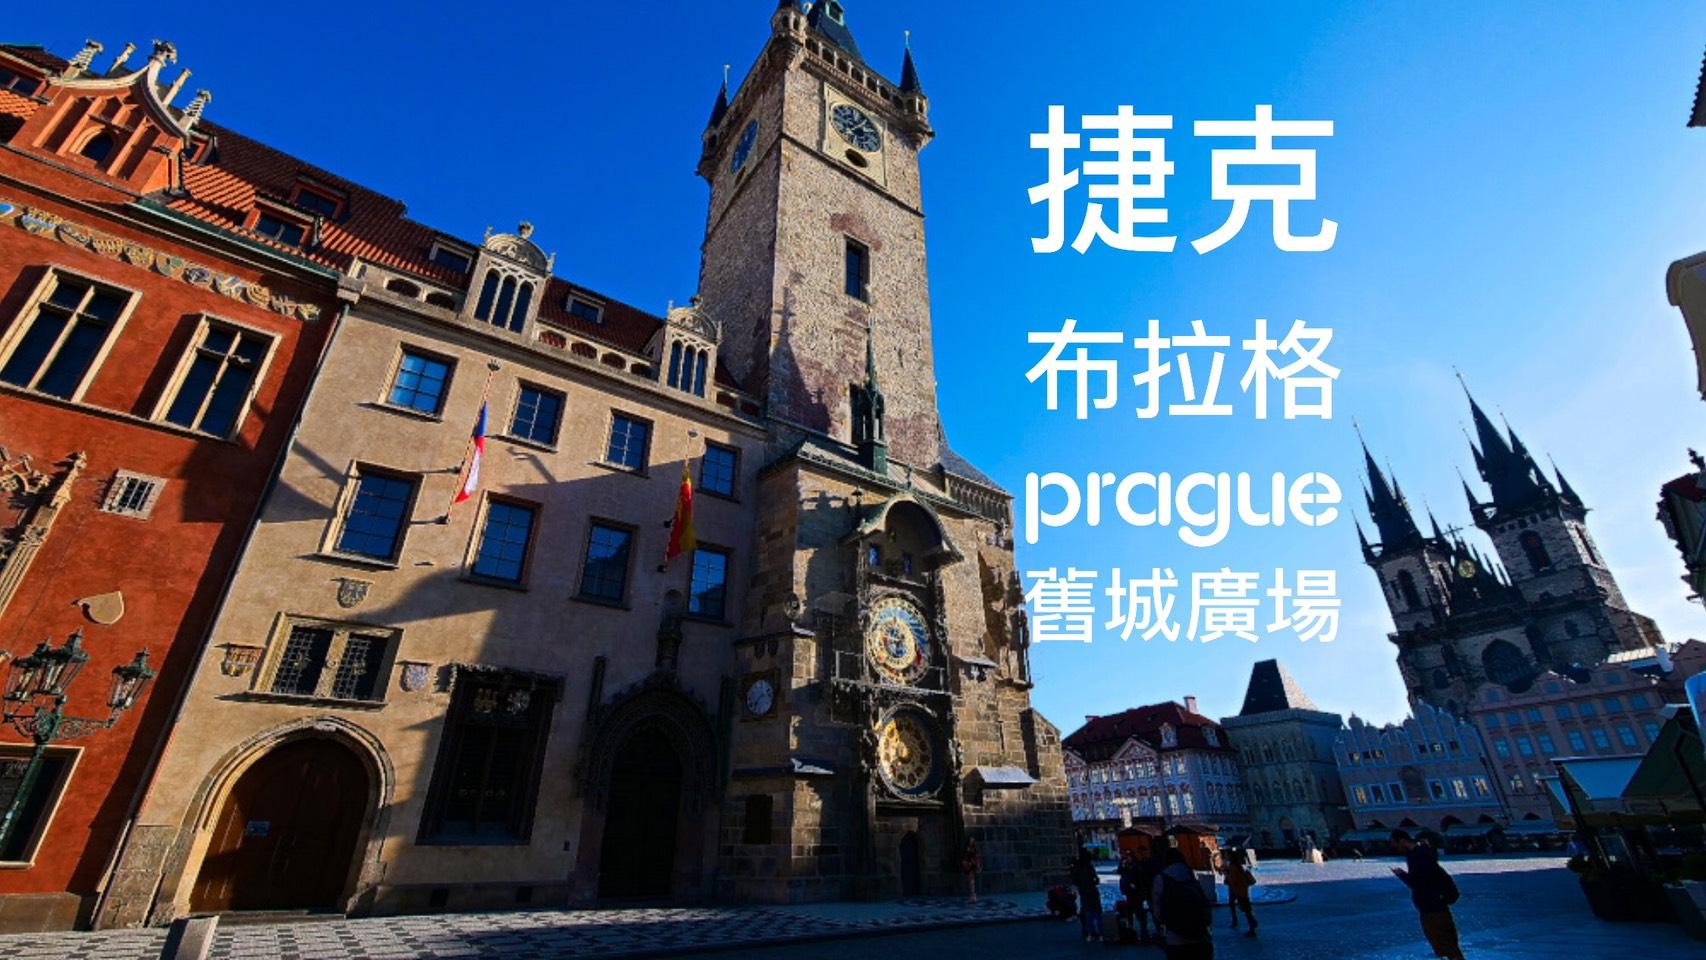 捷克 🔸布拉格 Prague||舊城廣場 六個地標打卡點 布拉格天文鐘、一分鐘屋 、舊城廣場、老城的清晨最美